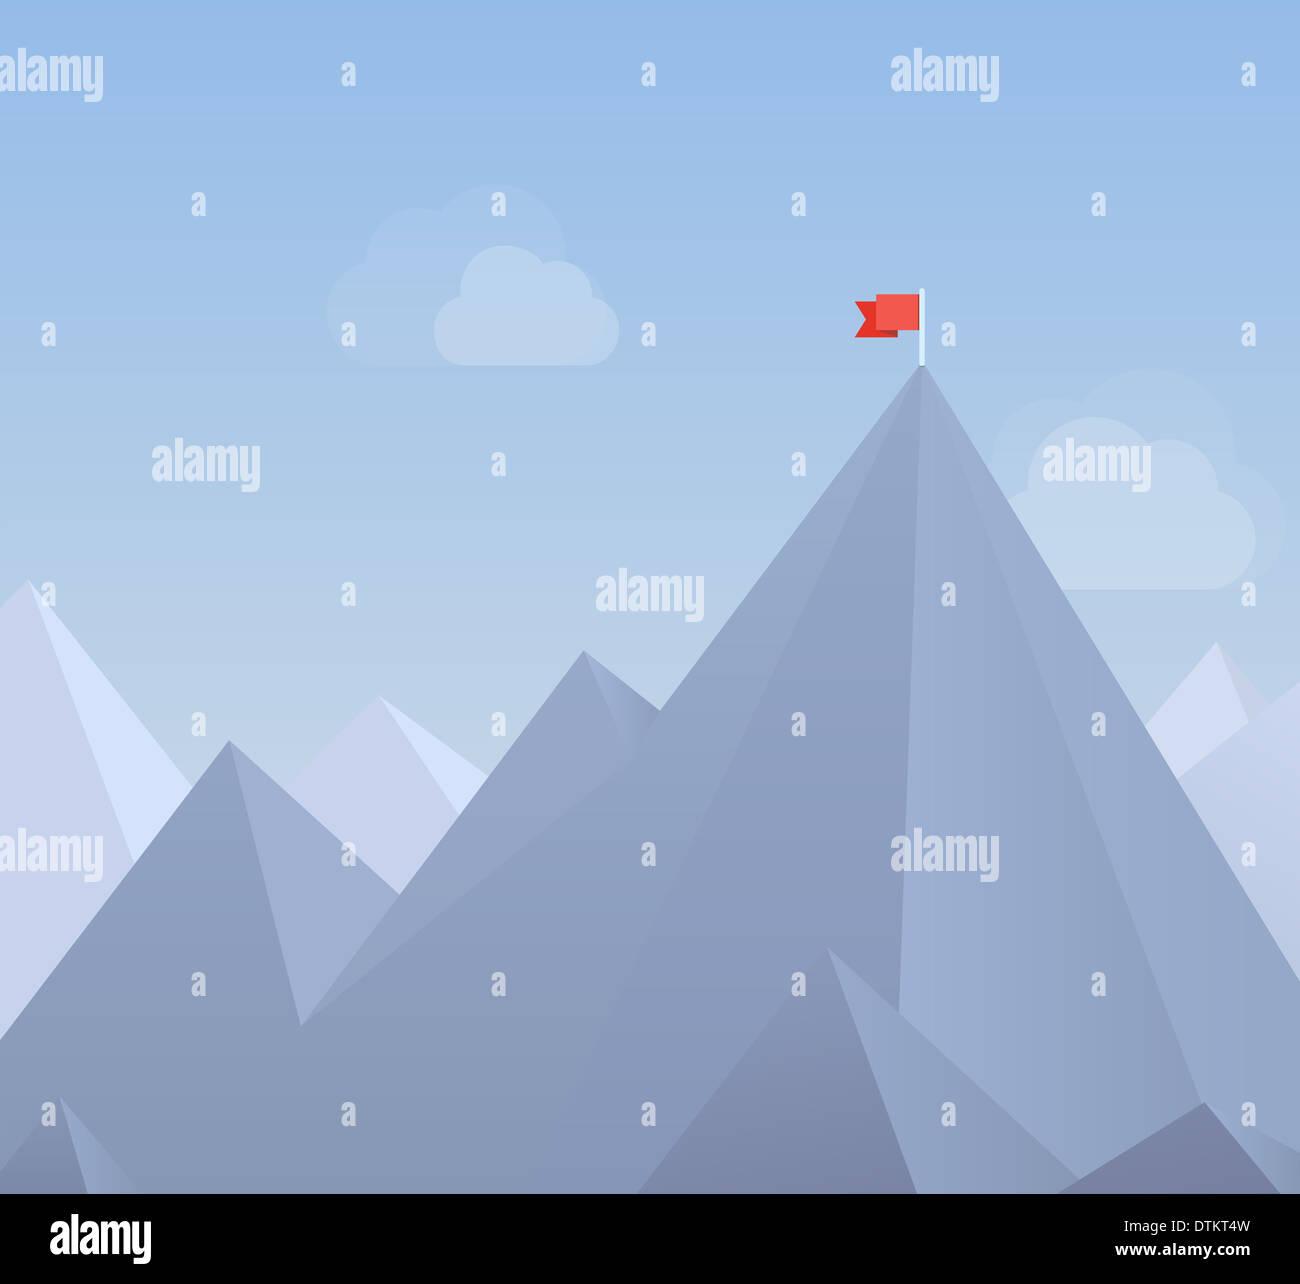 Diseño plano ilustración moderno concepto de bandera en el pico de la montaña, es decir, superar las dificultades y el logro de objetivos Imagen De Stock